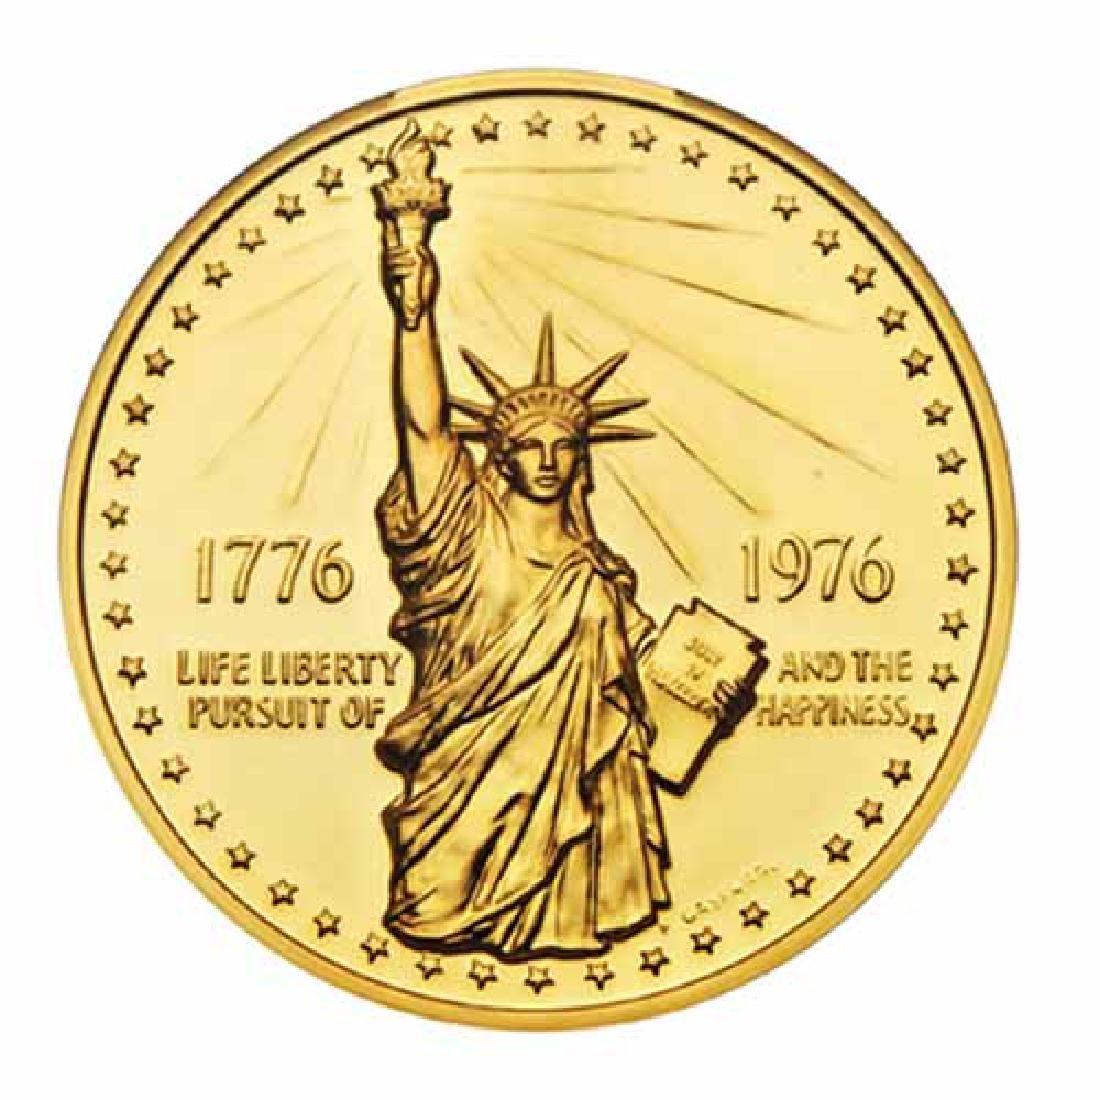 1976 Bicentennial gold Medal 12.8g. PF